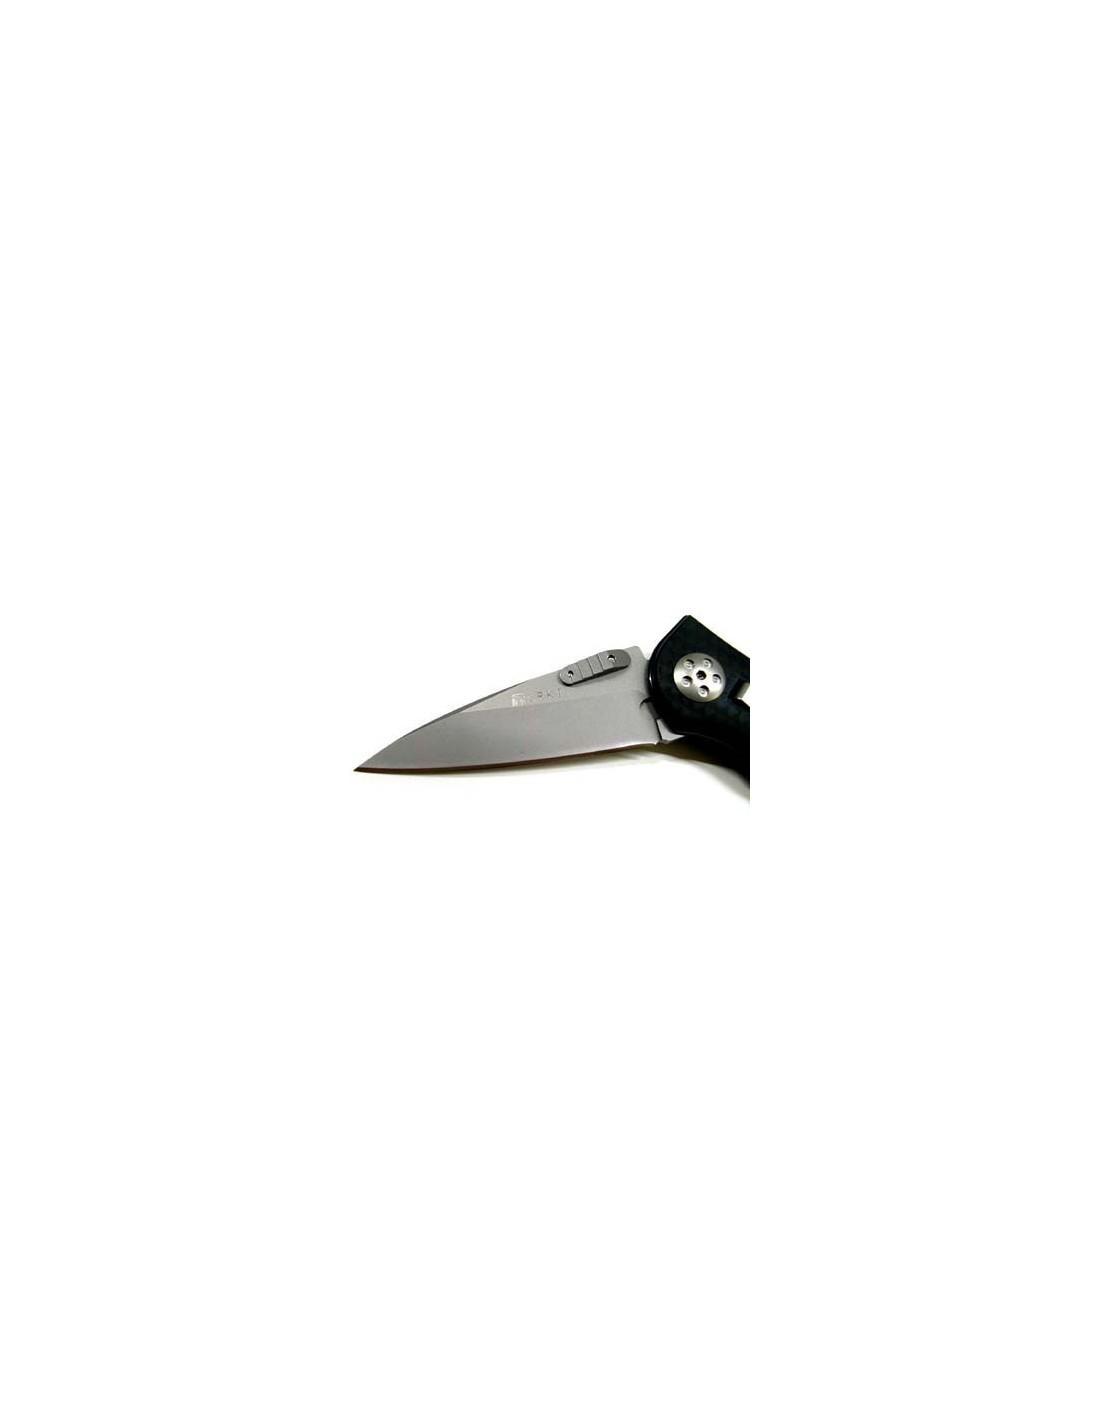 Фото 8 - Складной нож CRKT Elishewitz E-lock Black, сталь Aus 8, рукоять сталь 420J2